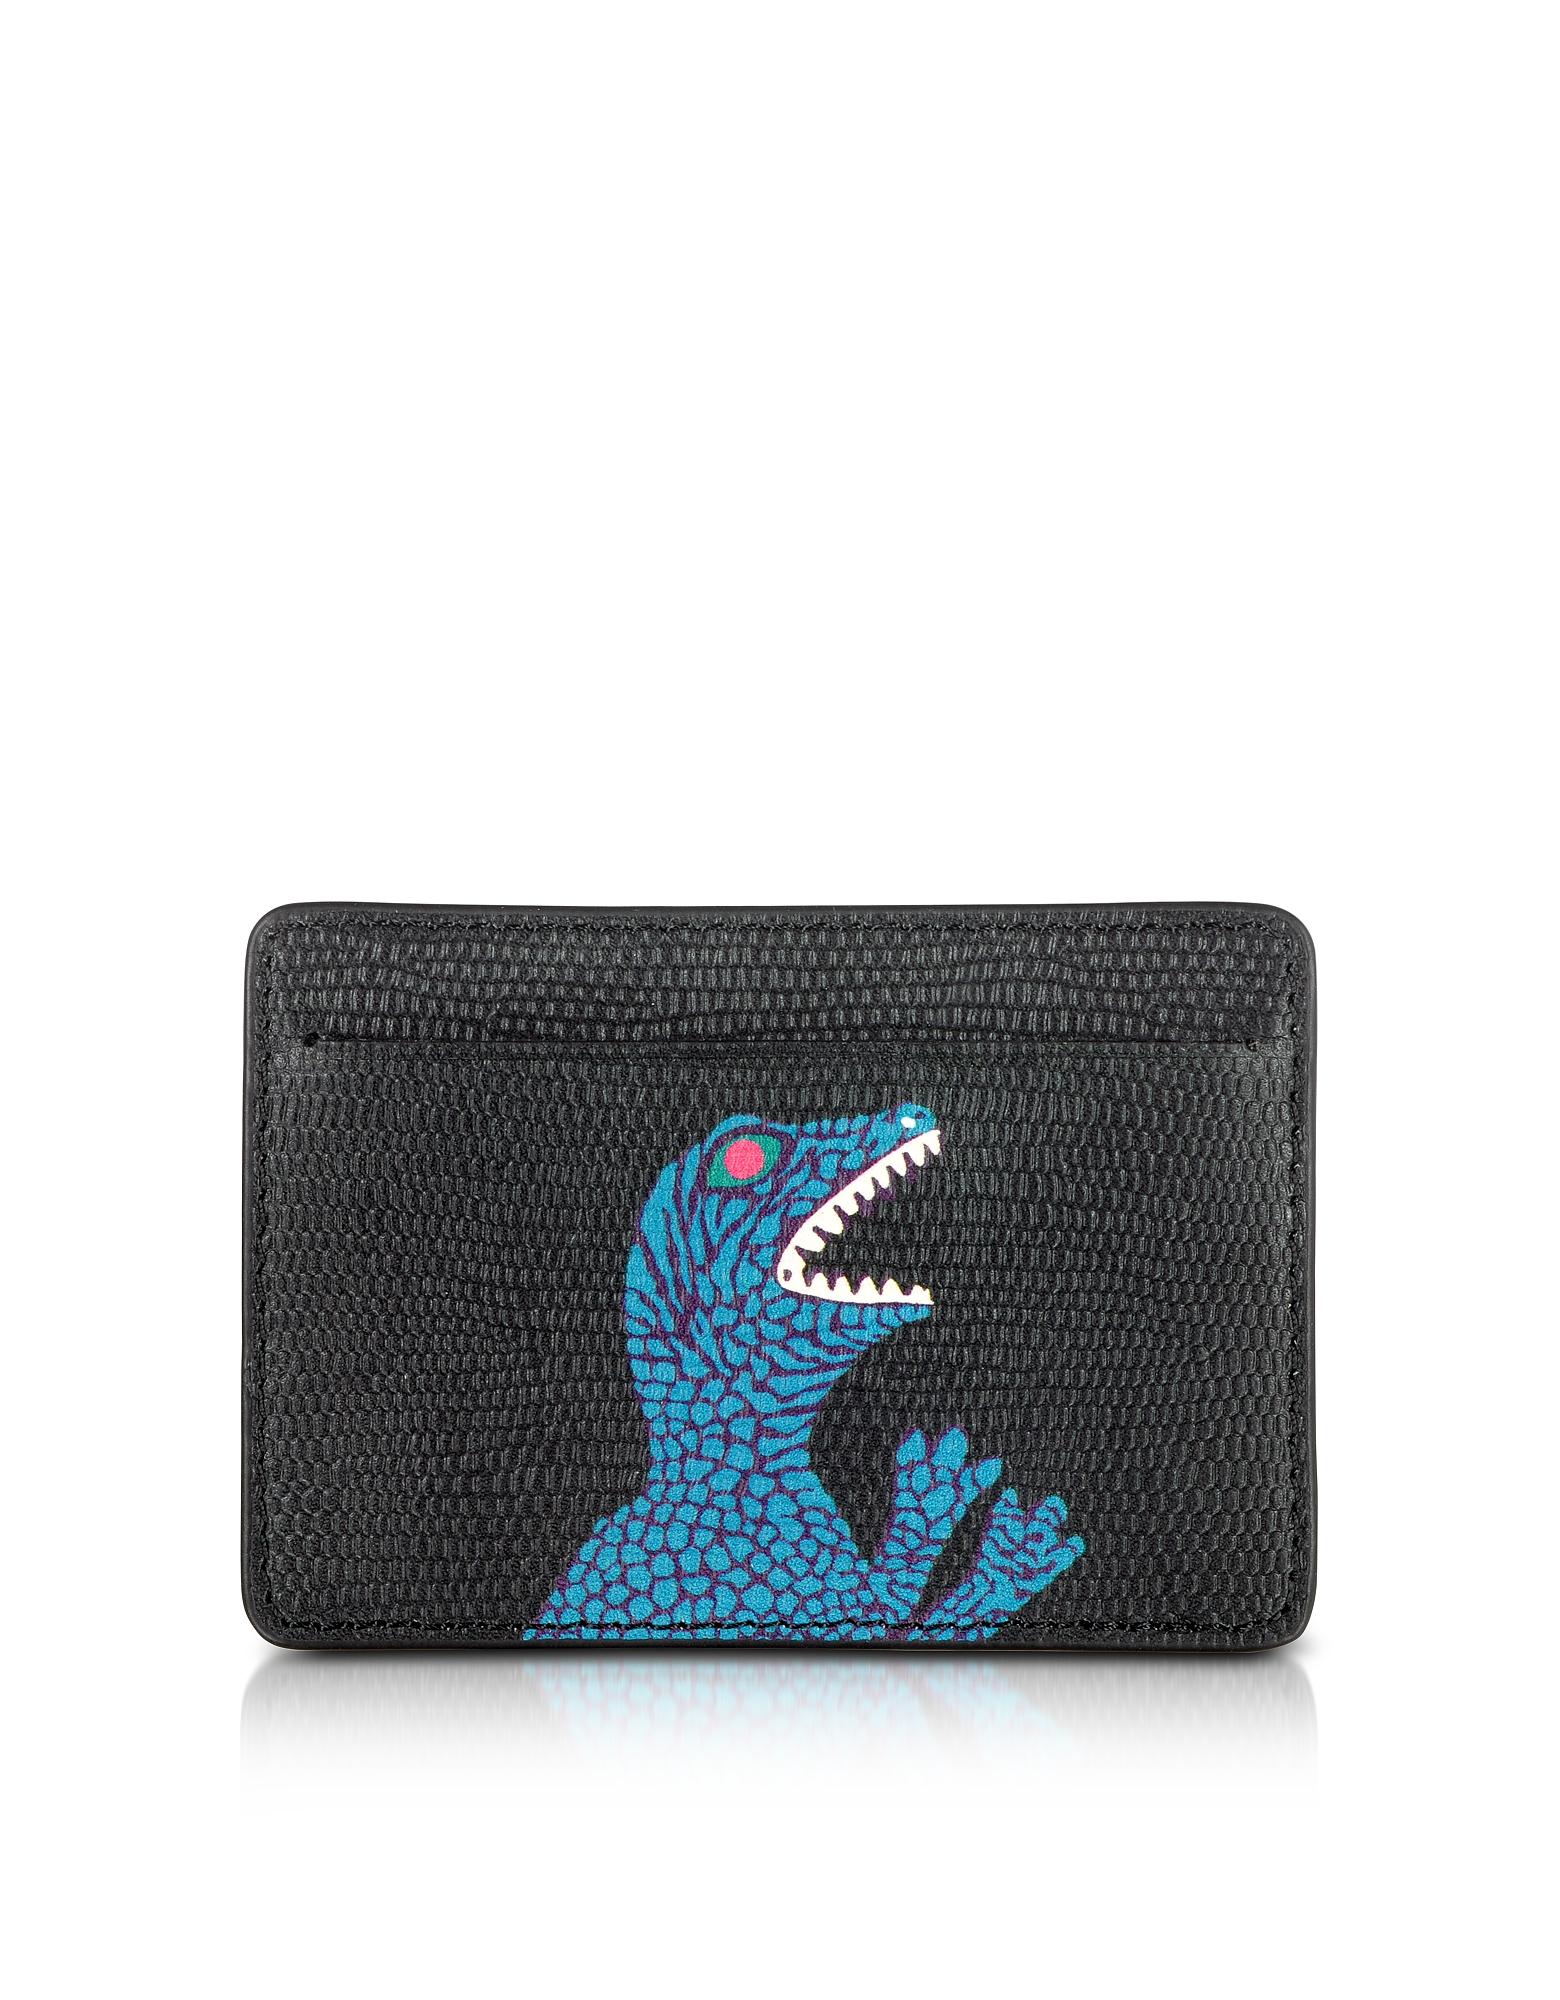 CC - Черный Мужской Кожаный Кошелек с Принтом Динозавра